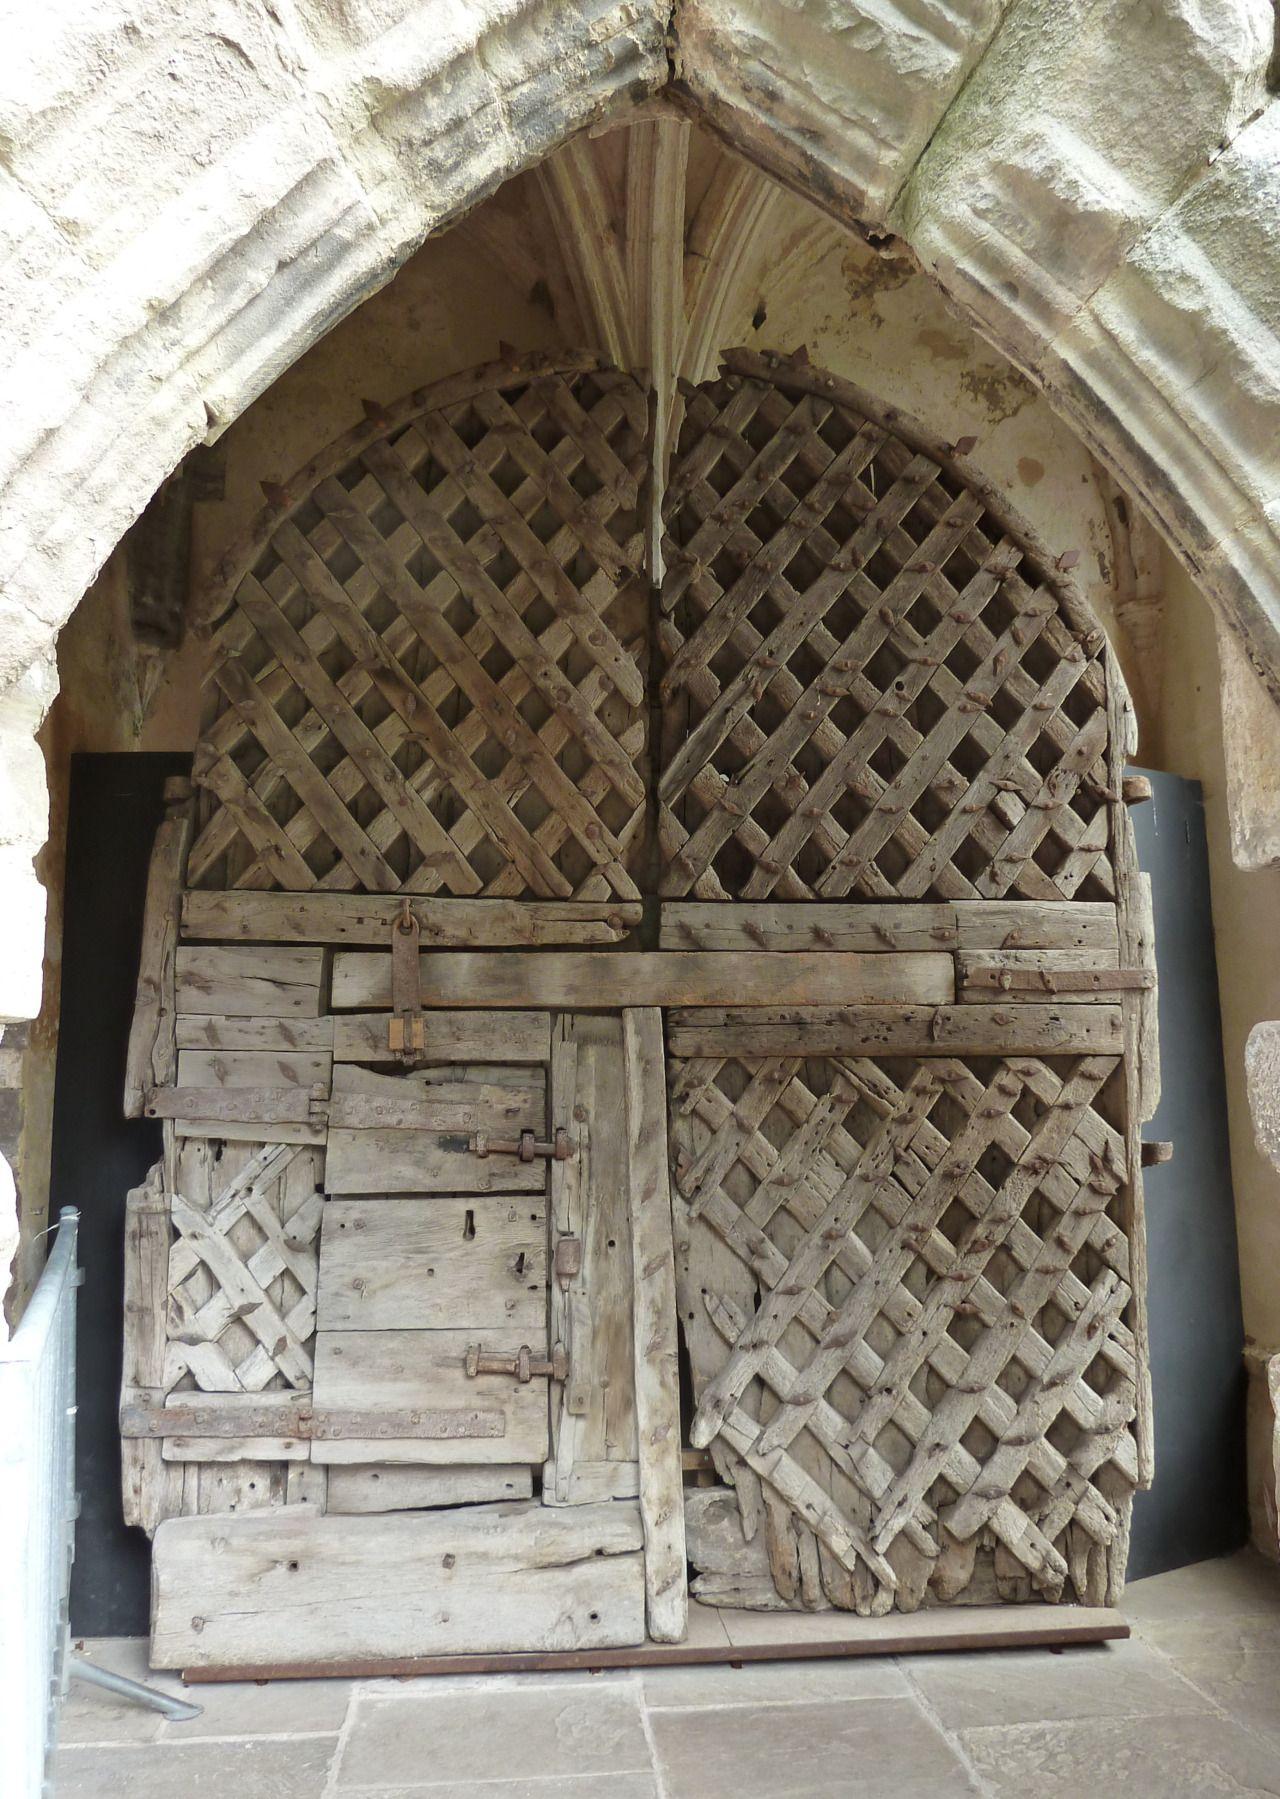 Latticework-reinforced door Chepstow Castle These... - Museum of artifacts & Latticework-reinforced door Chepstow Castle These... - Museum of ...